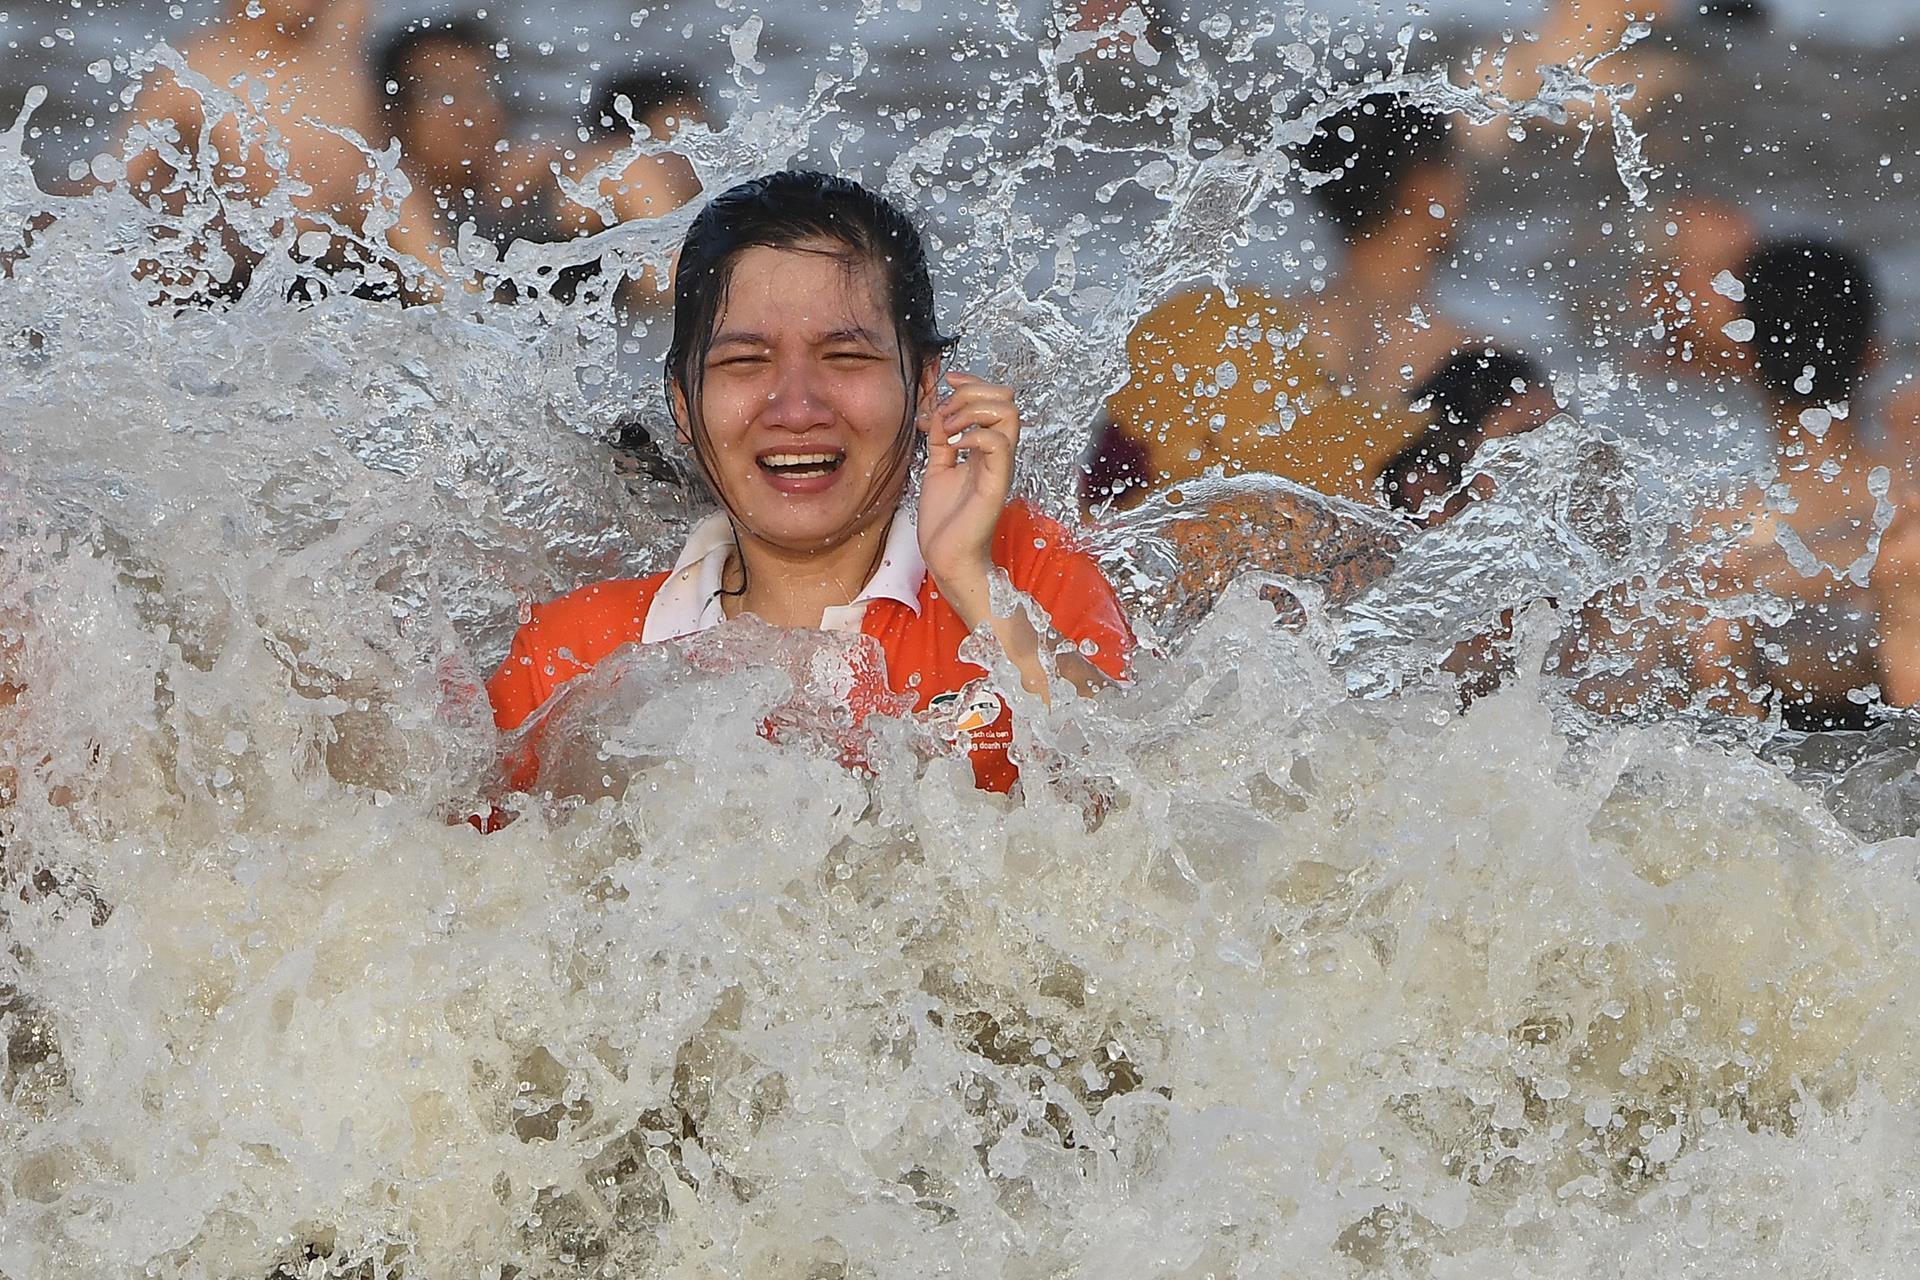 Hàng trăm nghìn người nhảy sóng ở bãi biển nước đục ngầu Ảnh 12